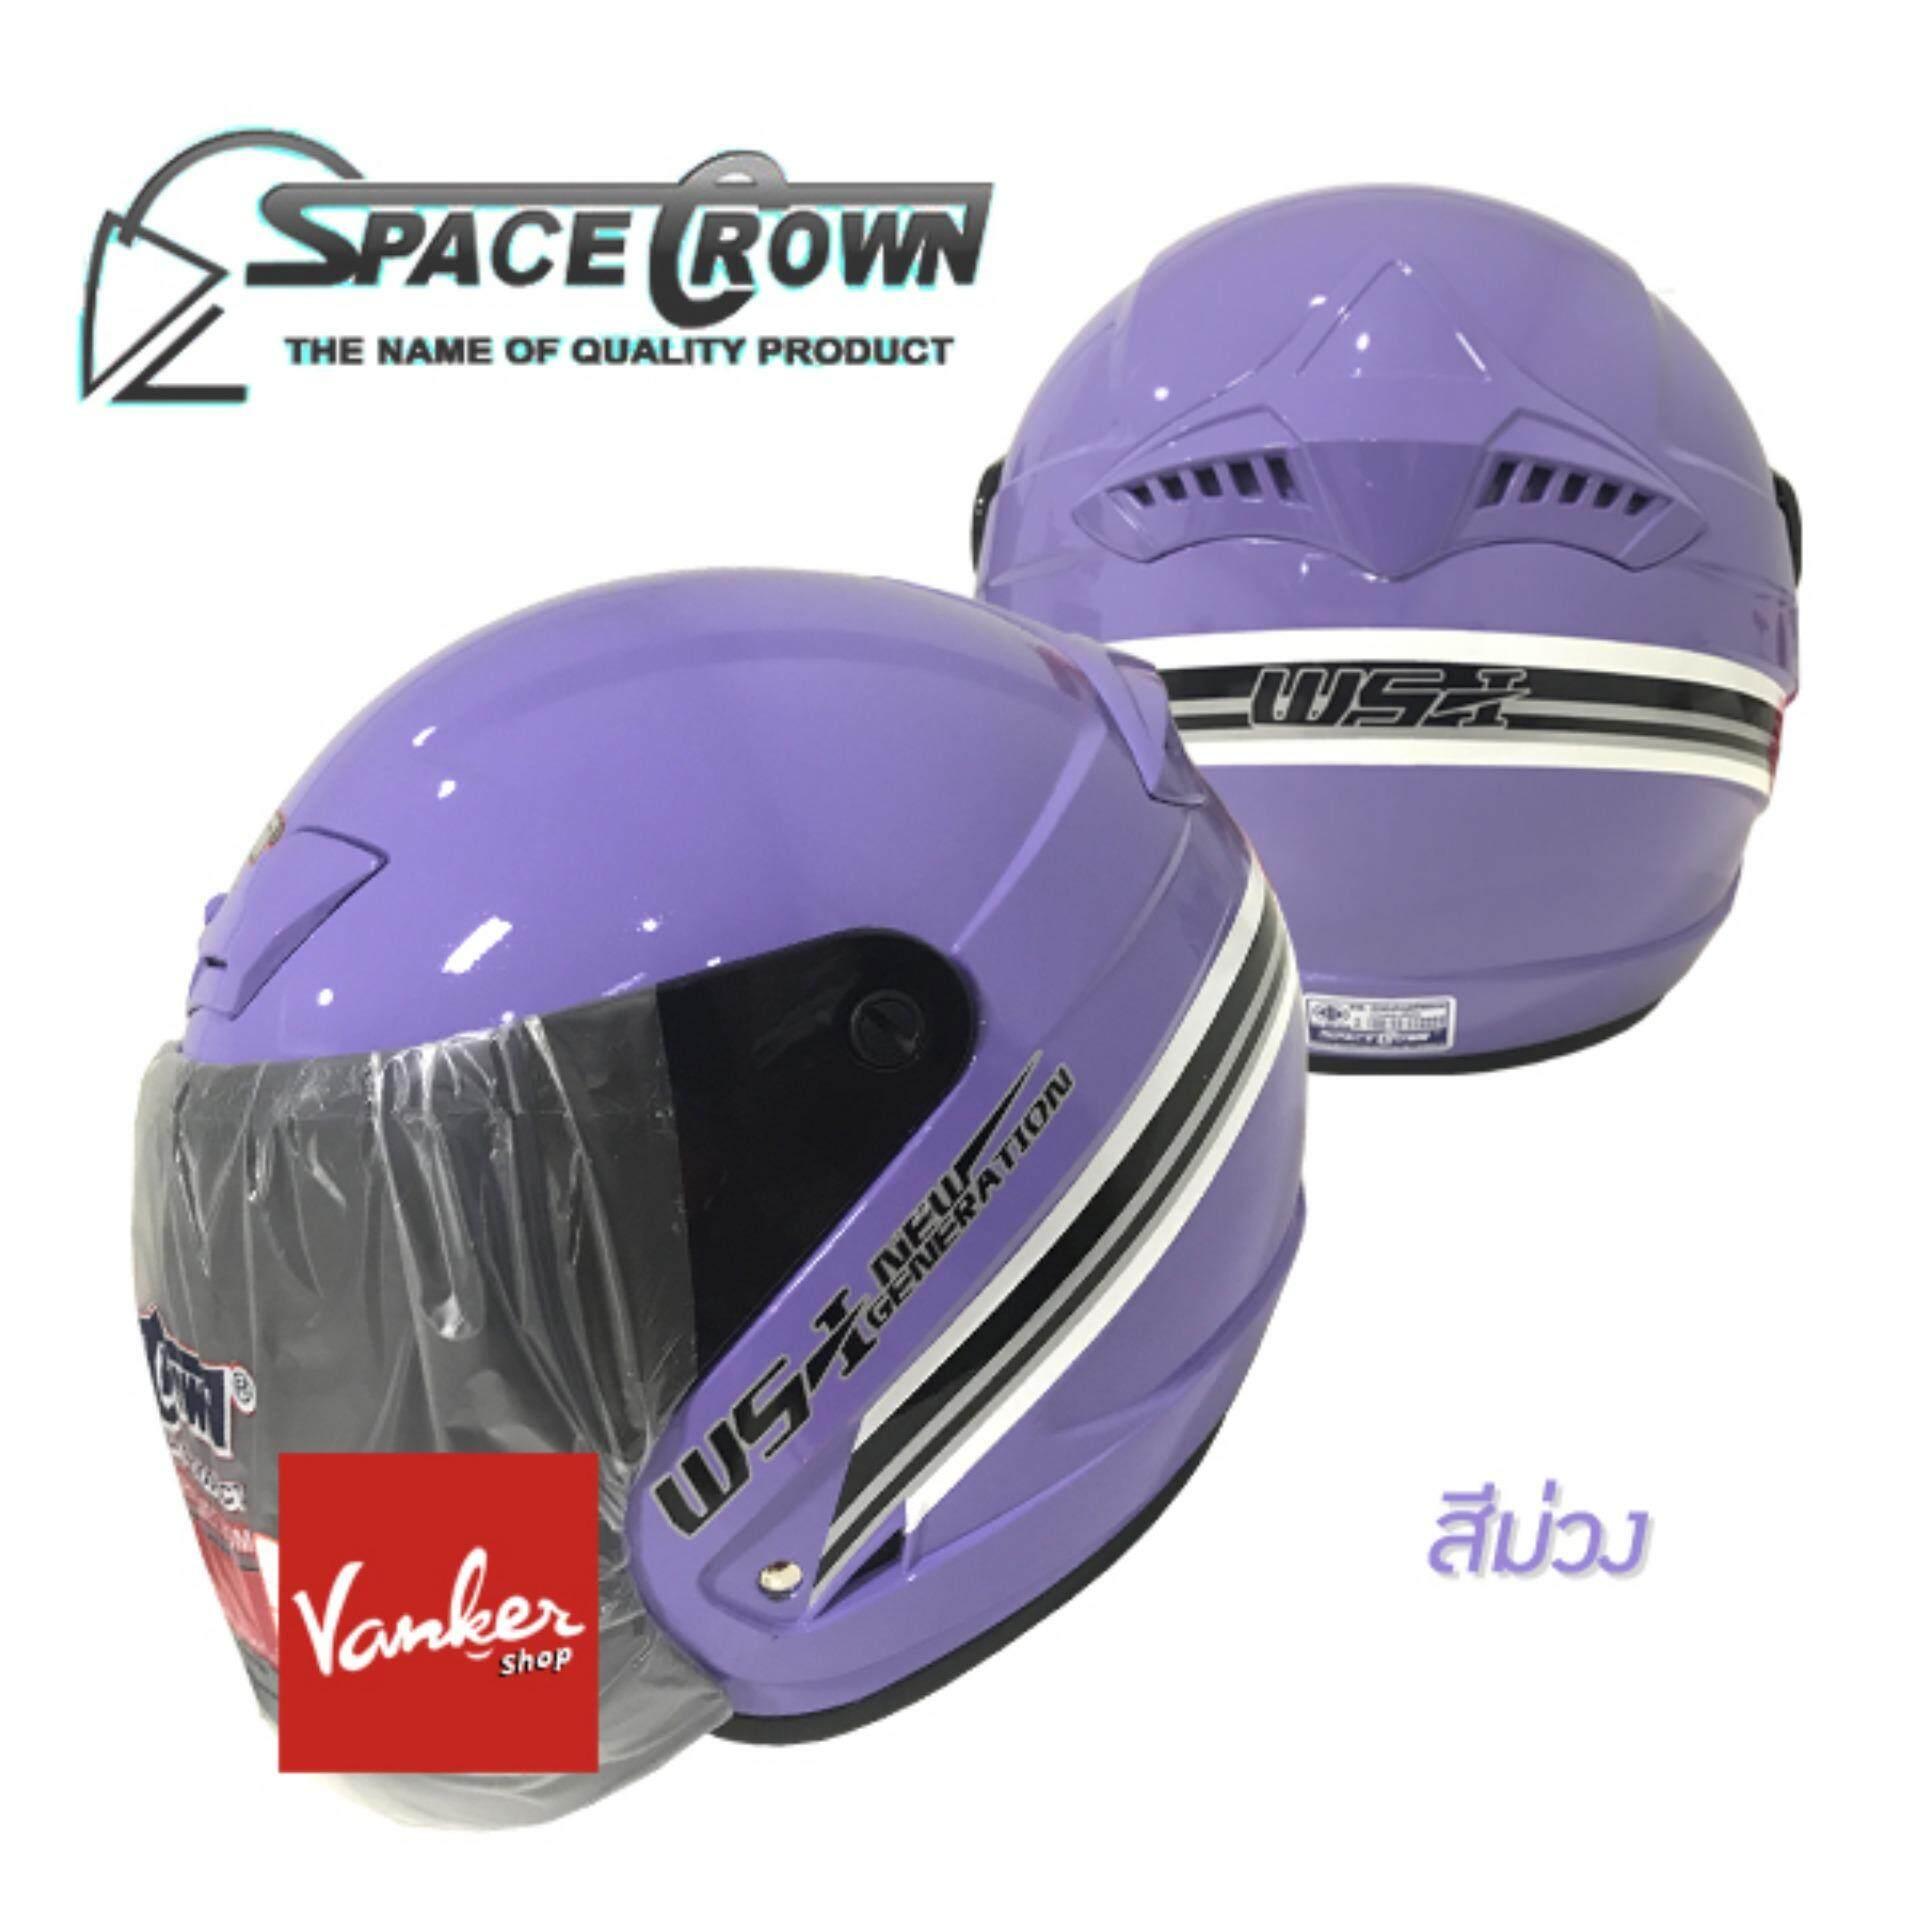 โปรโมชั่น Space Crown หมวกกันน็อค สีม่วง Space Crown ใหม่ล่าสุด